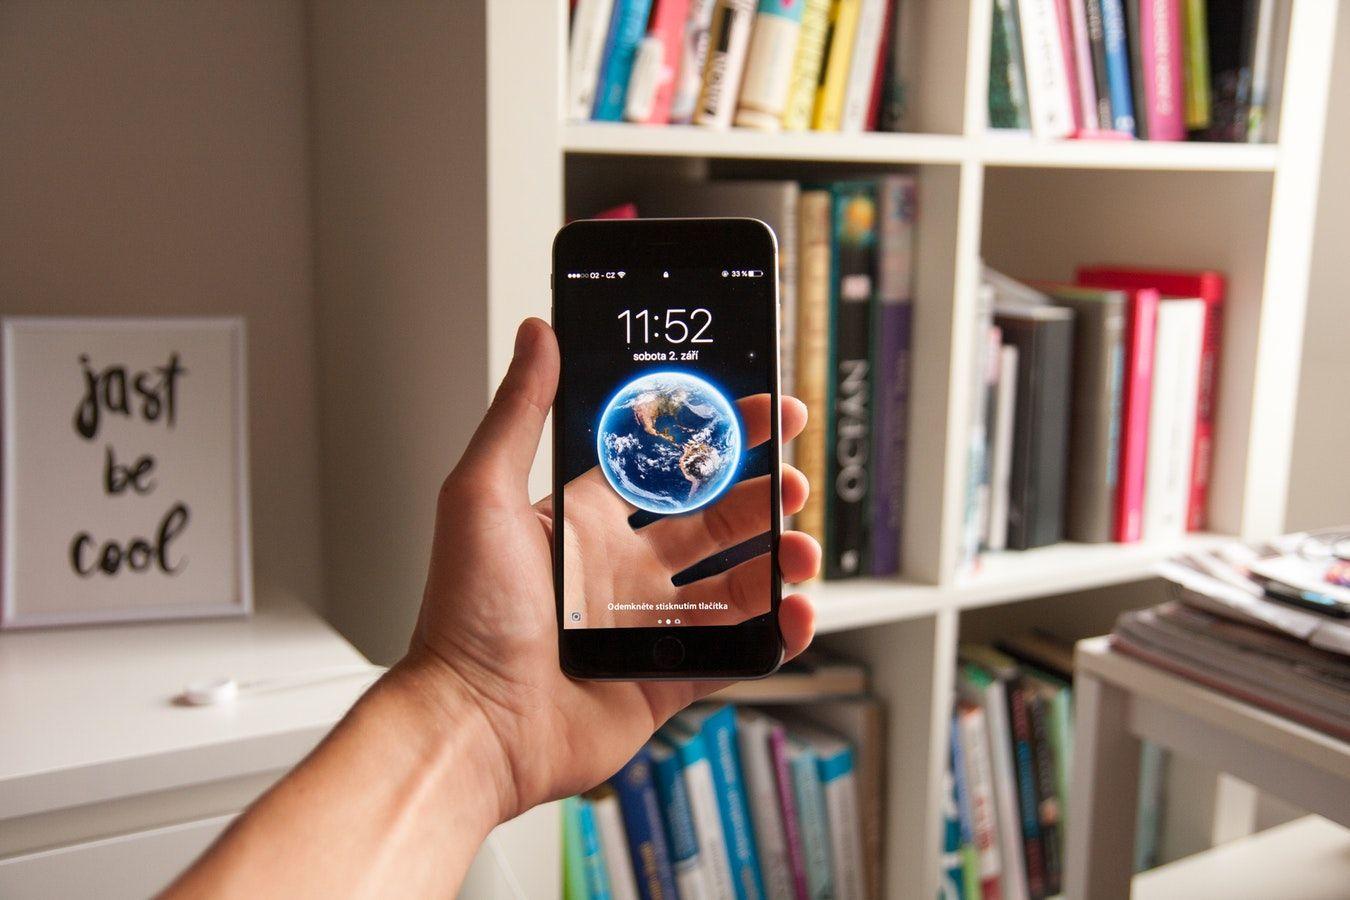 Le app di realtà aumentata, un mondo di applicazioni per il turismo